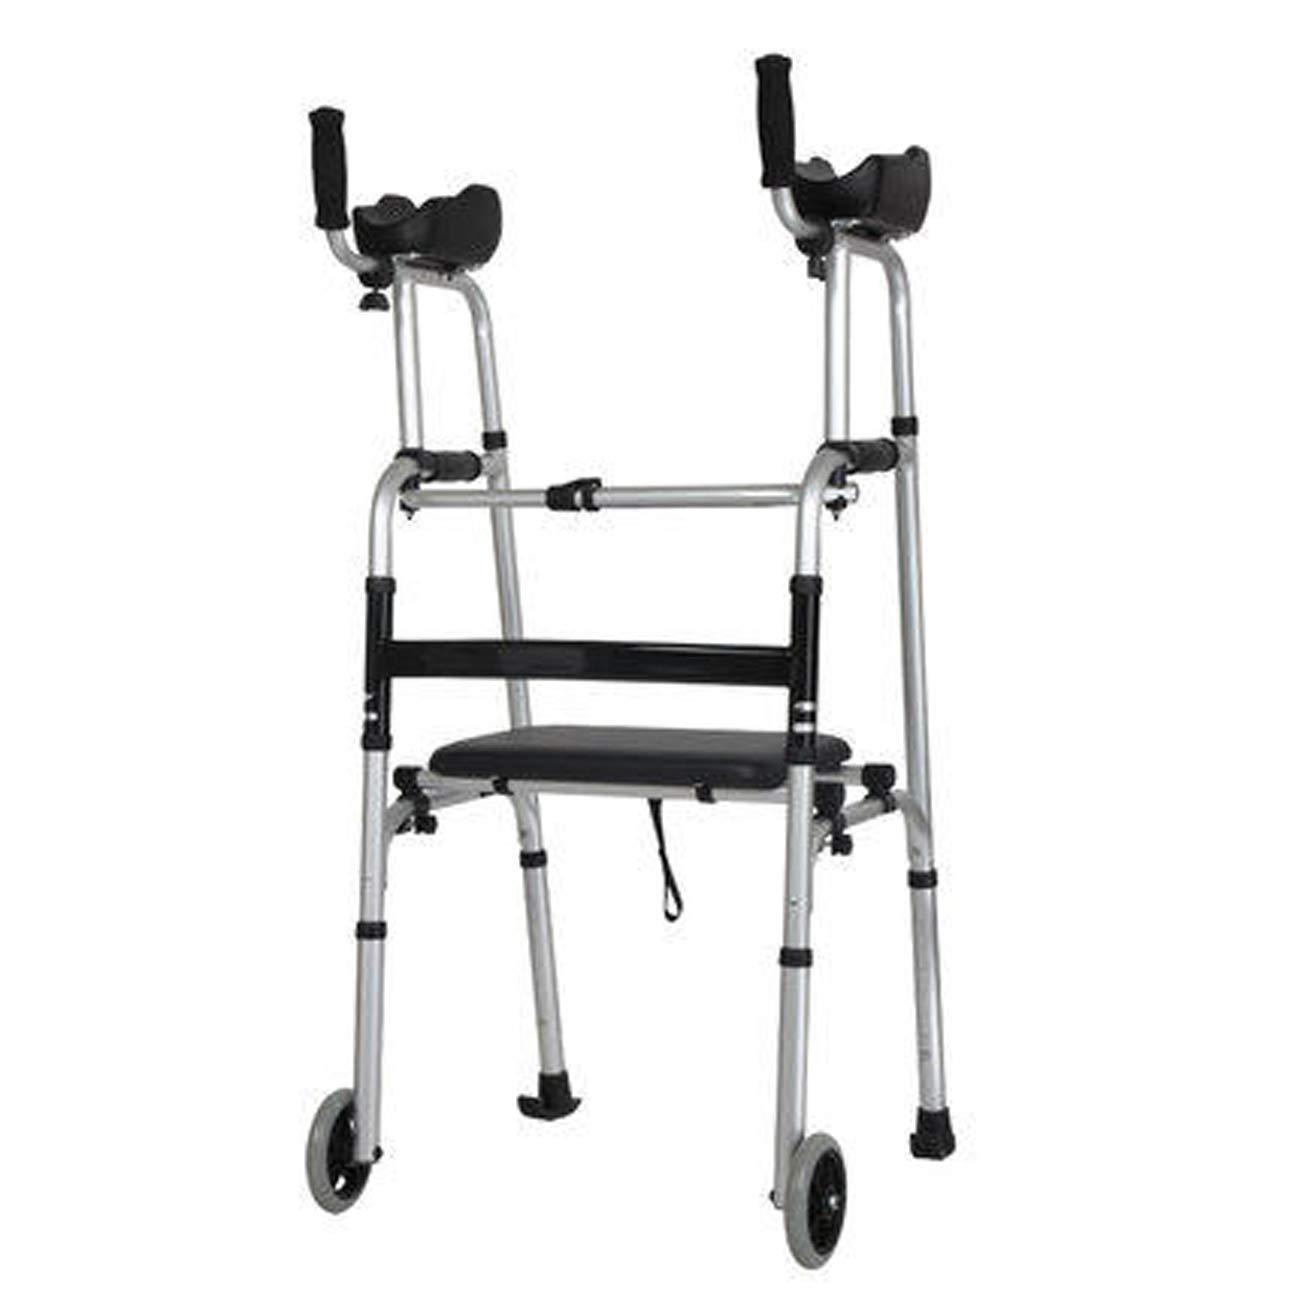 激安価格の 高齢者の歩行器、アルミニウム合金の歩行の歩行器 :、2つのキャスターを運ぶスキーパッド補助歩行器 B) (設計 B : B) B B07L2LHQCV, ecoloco(エコロコ):6017e09a --- a0267596.xsph.ru